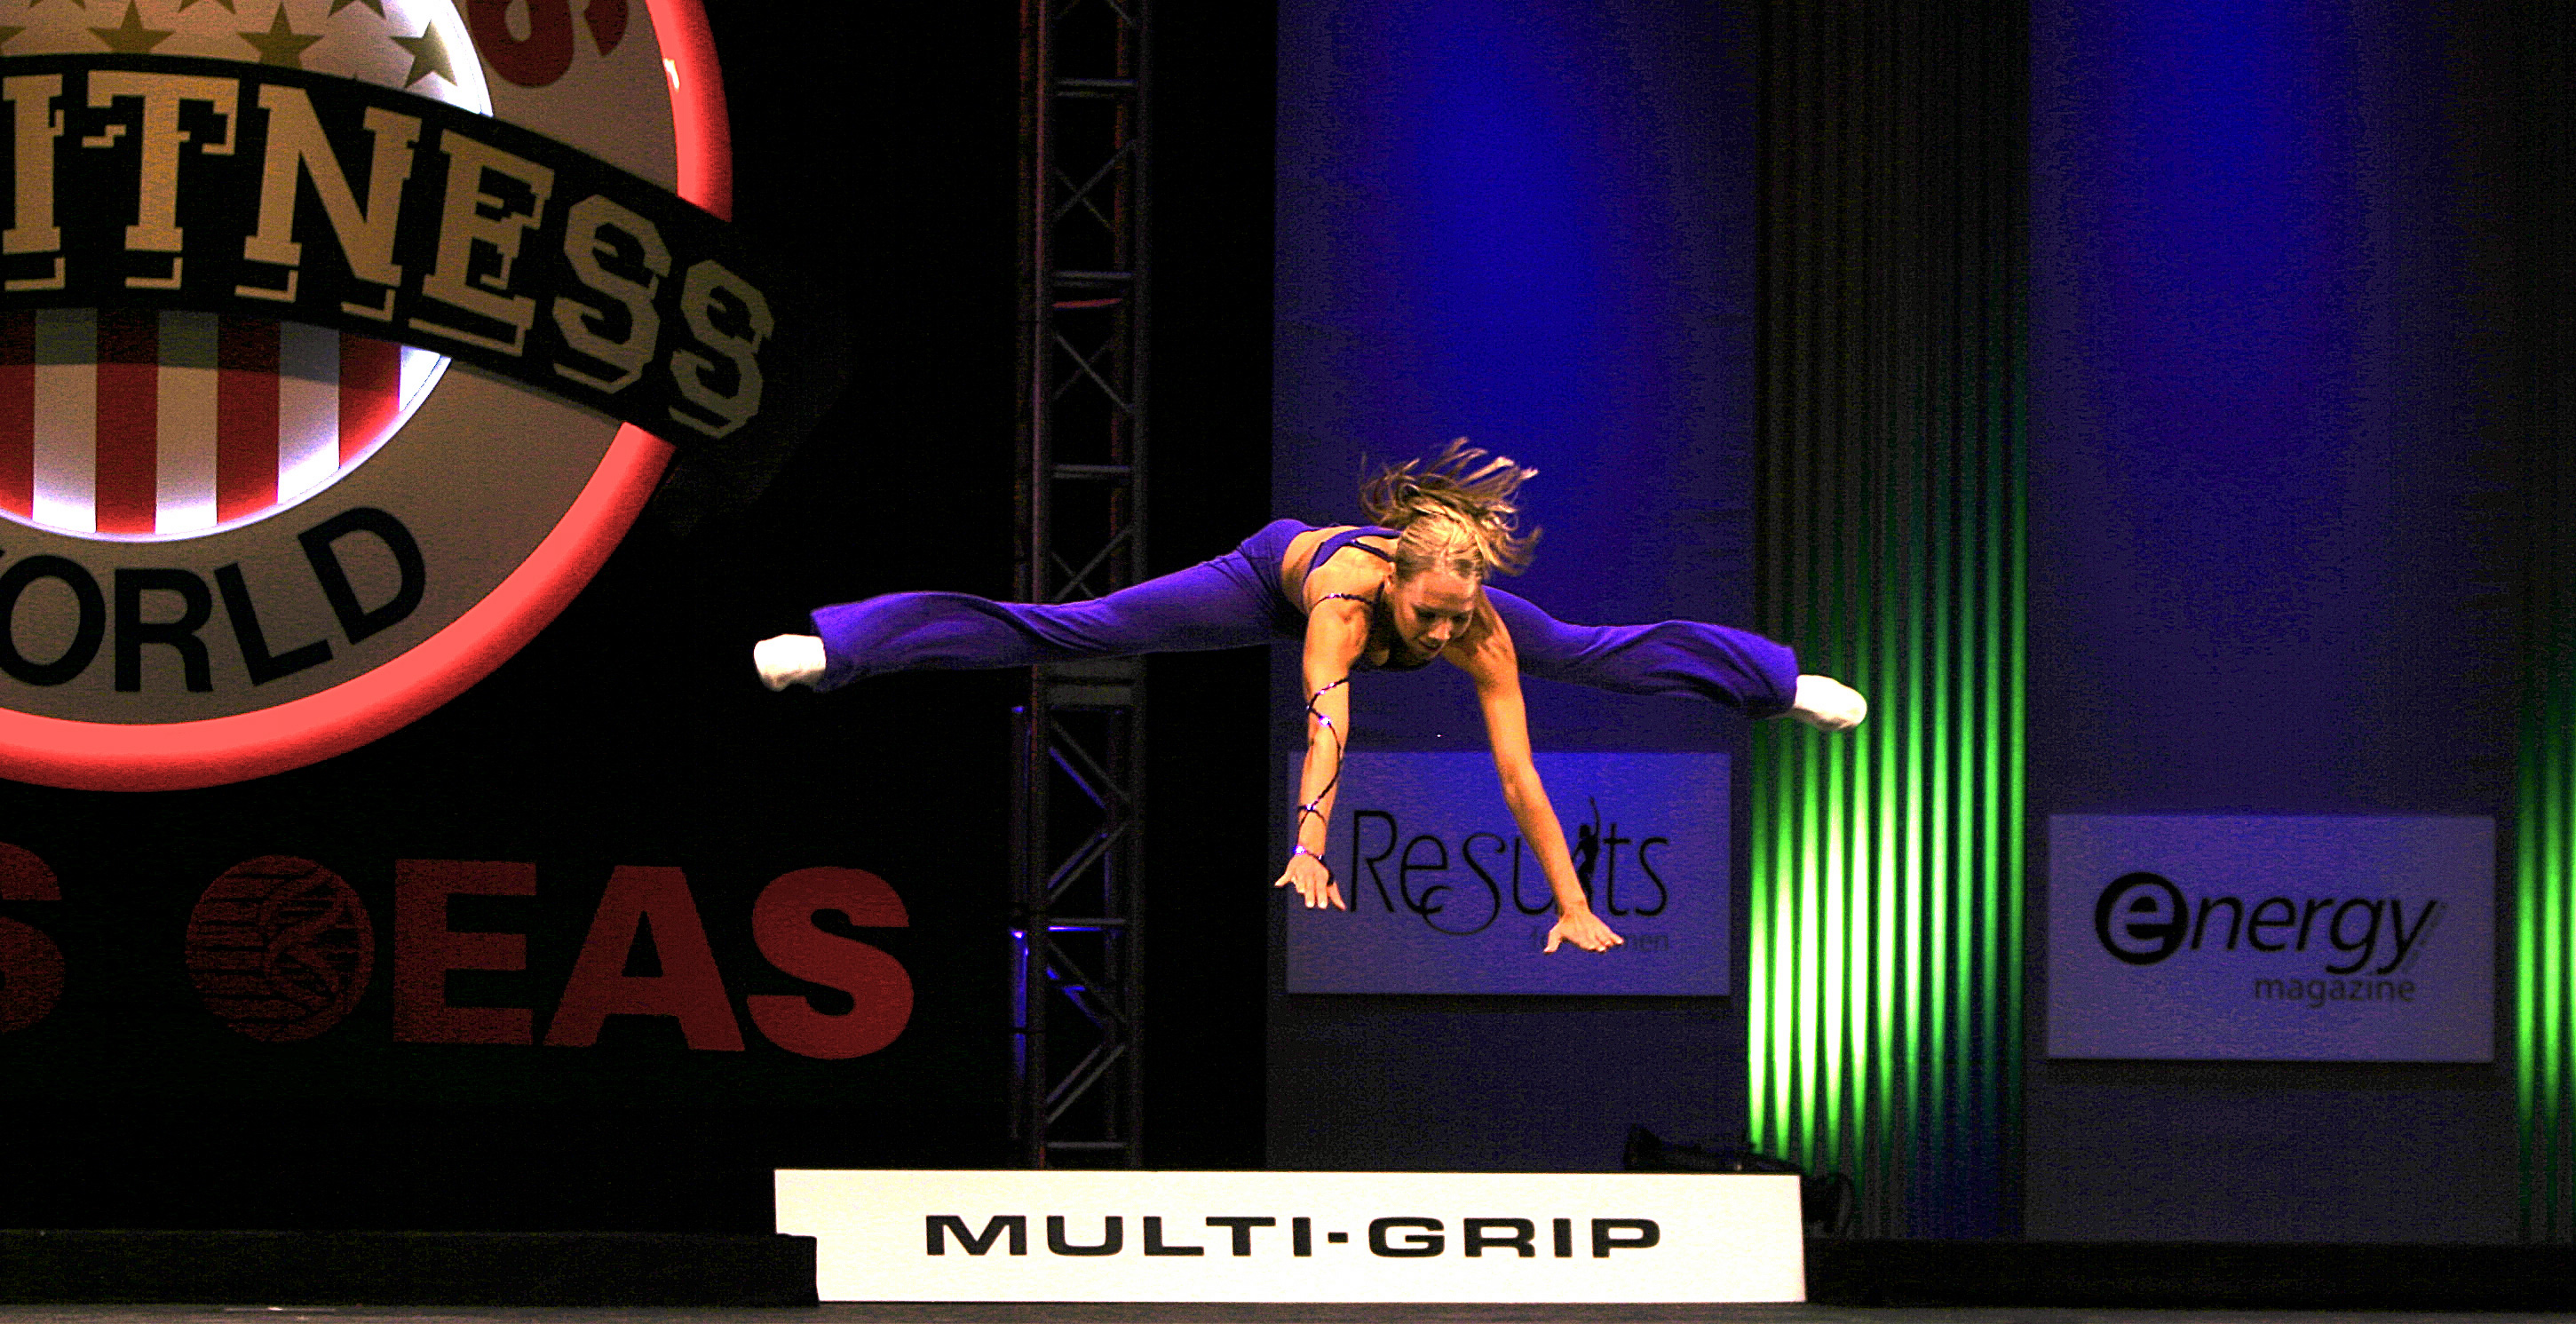 I LOVE JUMPS